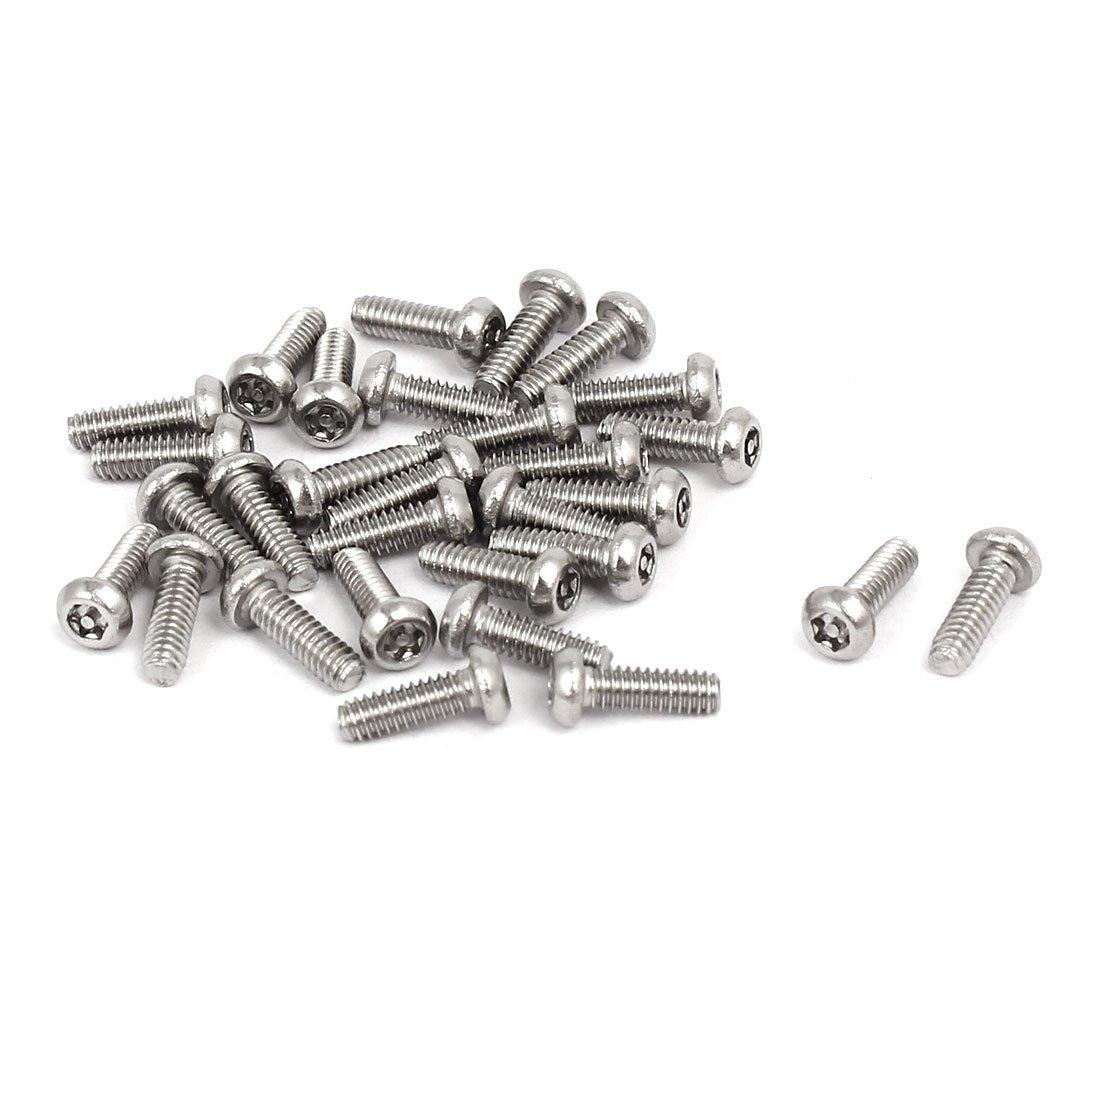 50 Stück M2X6 Torxschrauben Linsenkopf DIN 7985 A2 M2